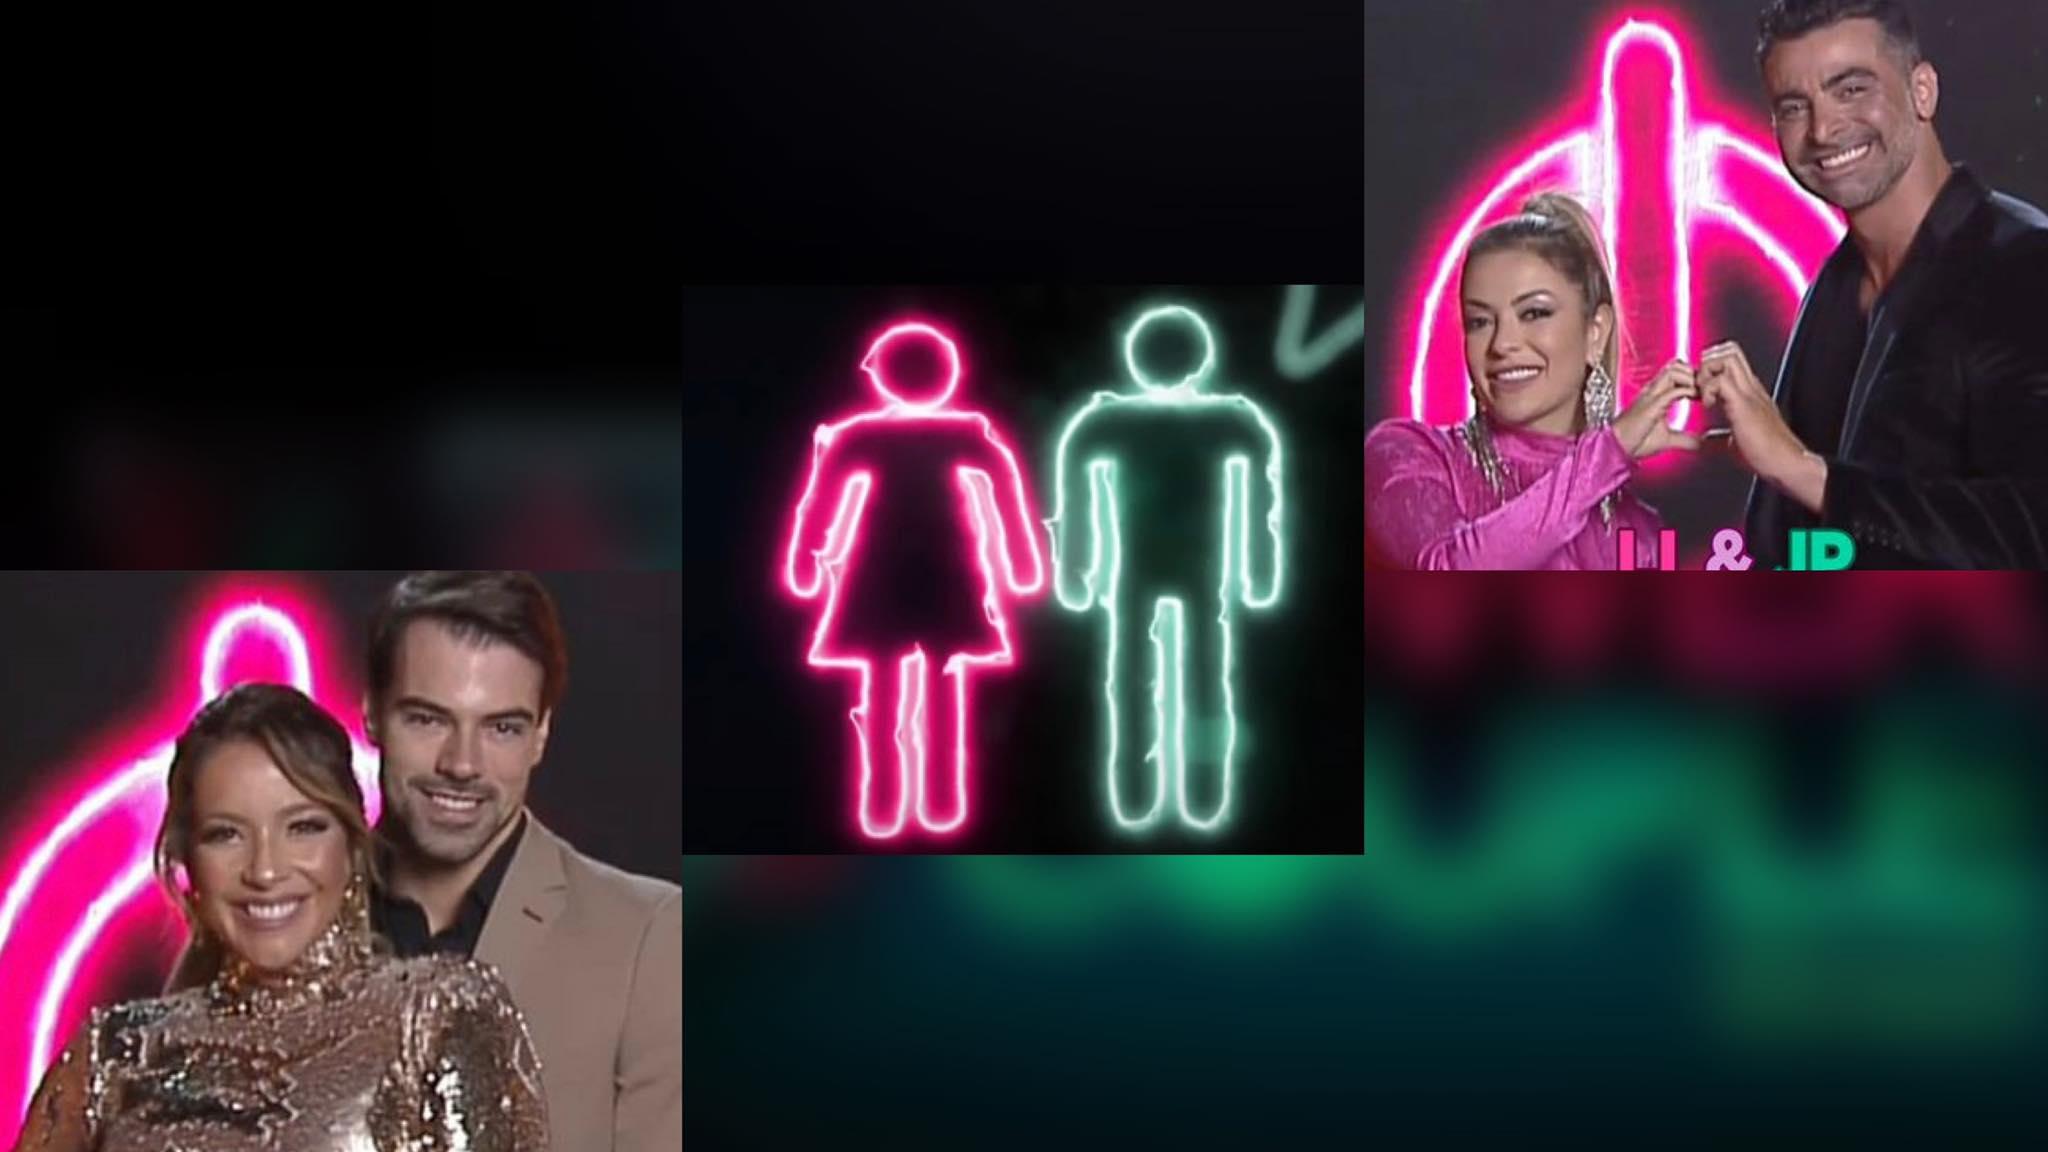 Li Martins & JP e Renata & Leandro estão na 10ª DR do Power Couple. Imagem: Montagem/ Fashion Bubbles